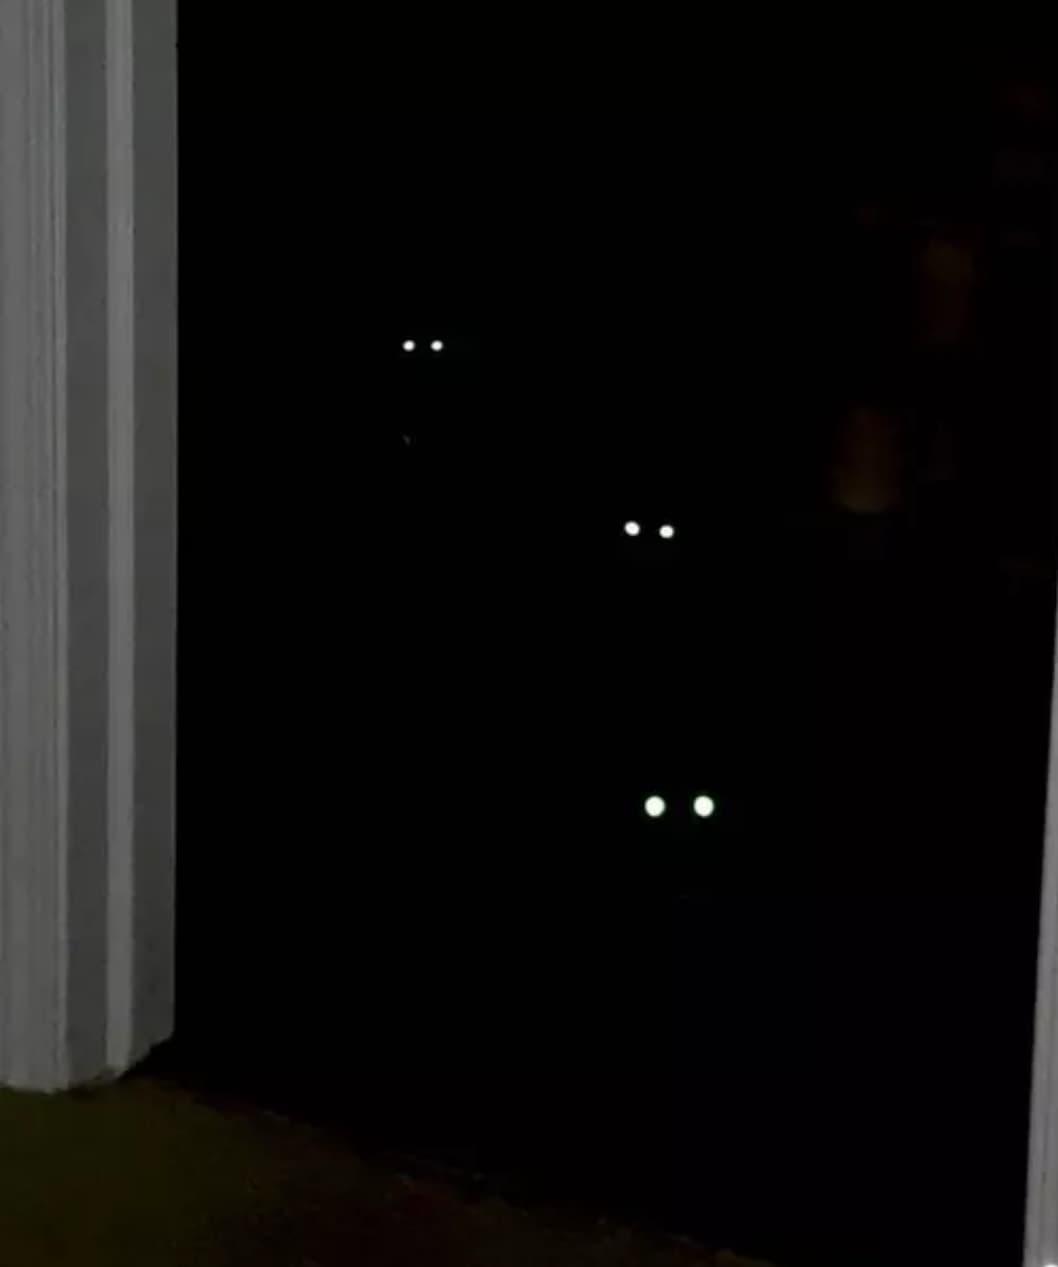 czarne koty w ciemności